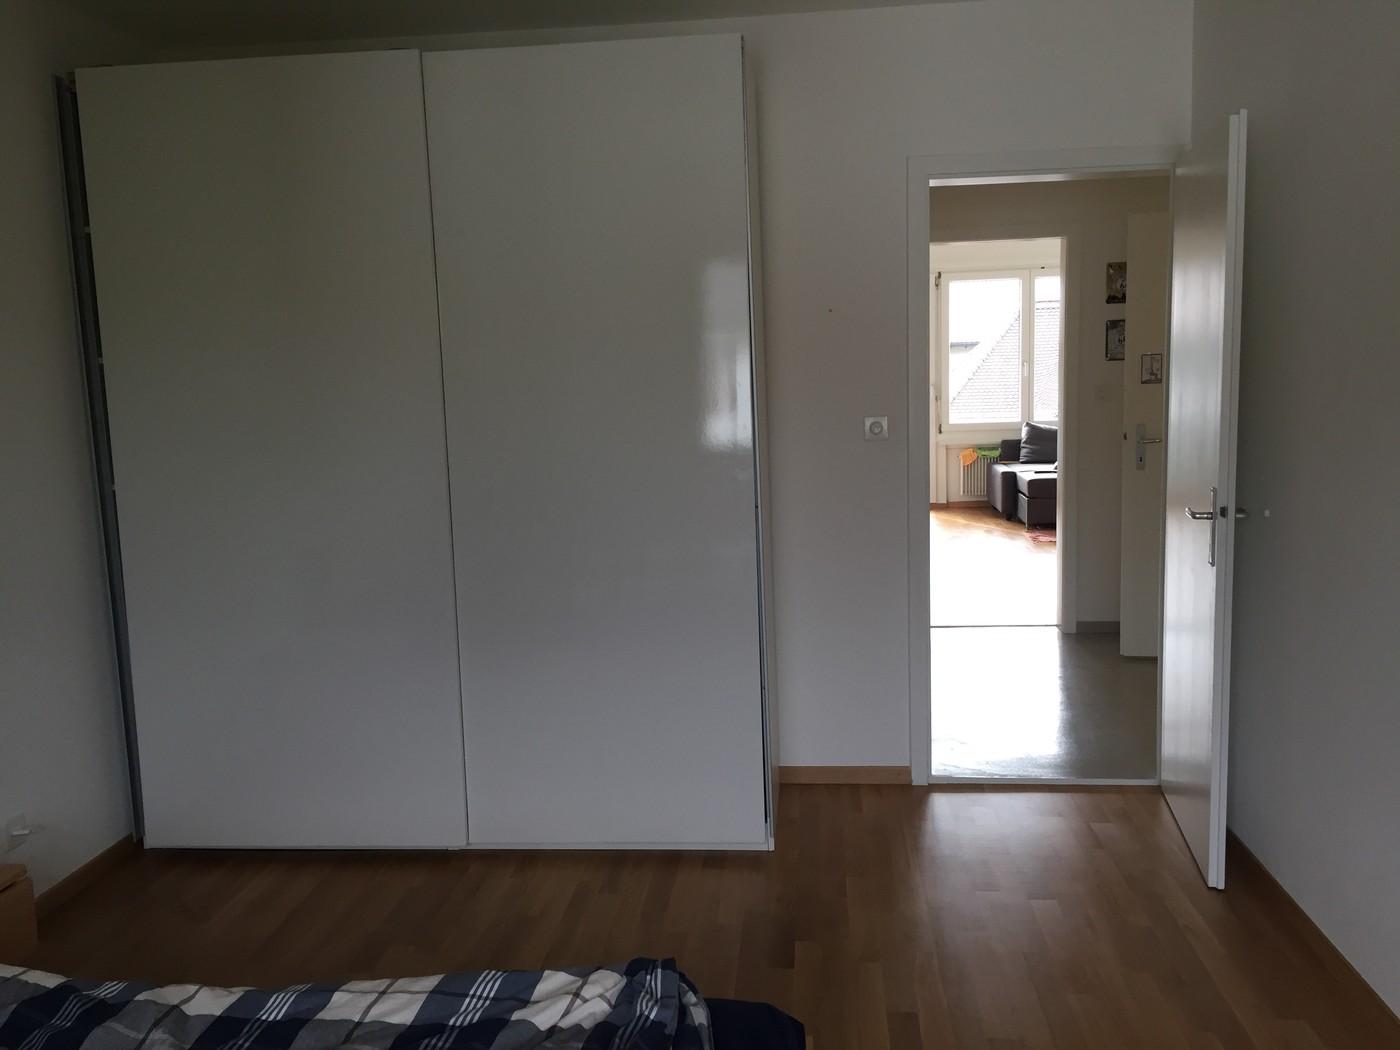 3 zimmer wohnung in ostermundigen mieten flatfox for Wohnung in mieten